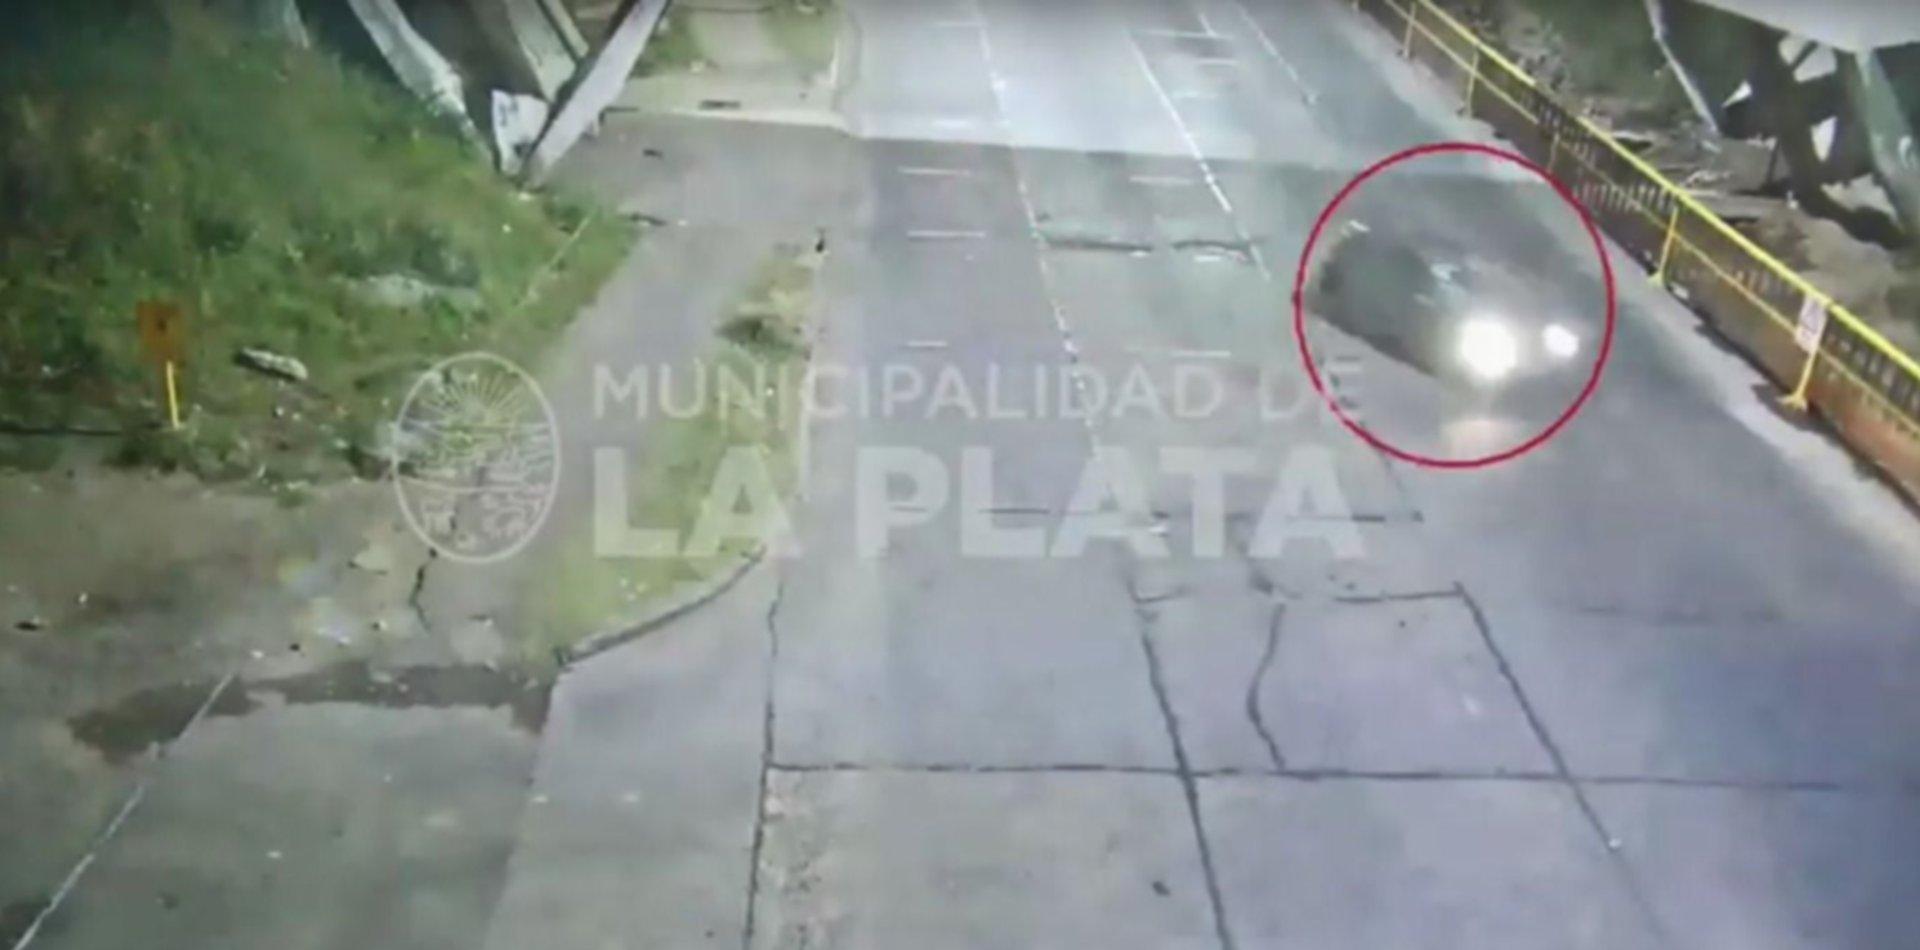 VIDEO: Robaron un auto, los persiguió la Policía y terminaron volcando